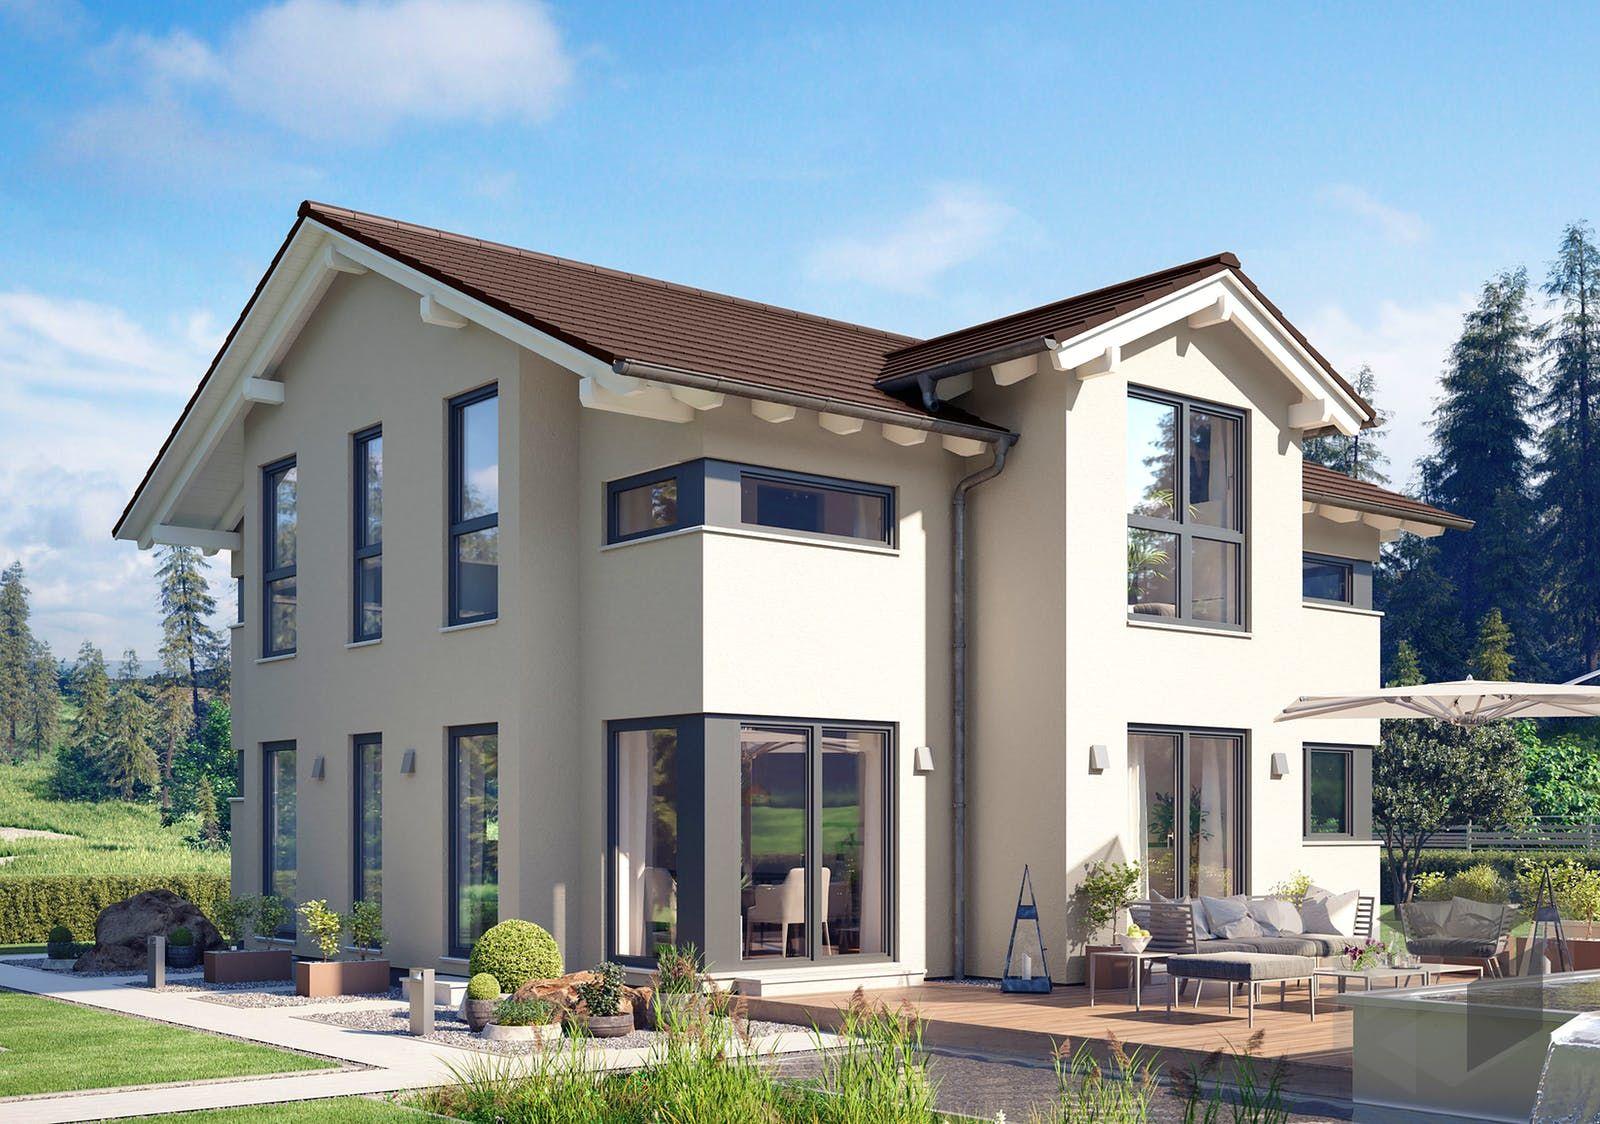 Solitaire E 145 Entwurf 5 Von Schwabenhaus Grundrisse Ihr Partner Beim Hausbau